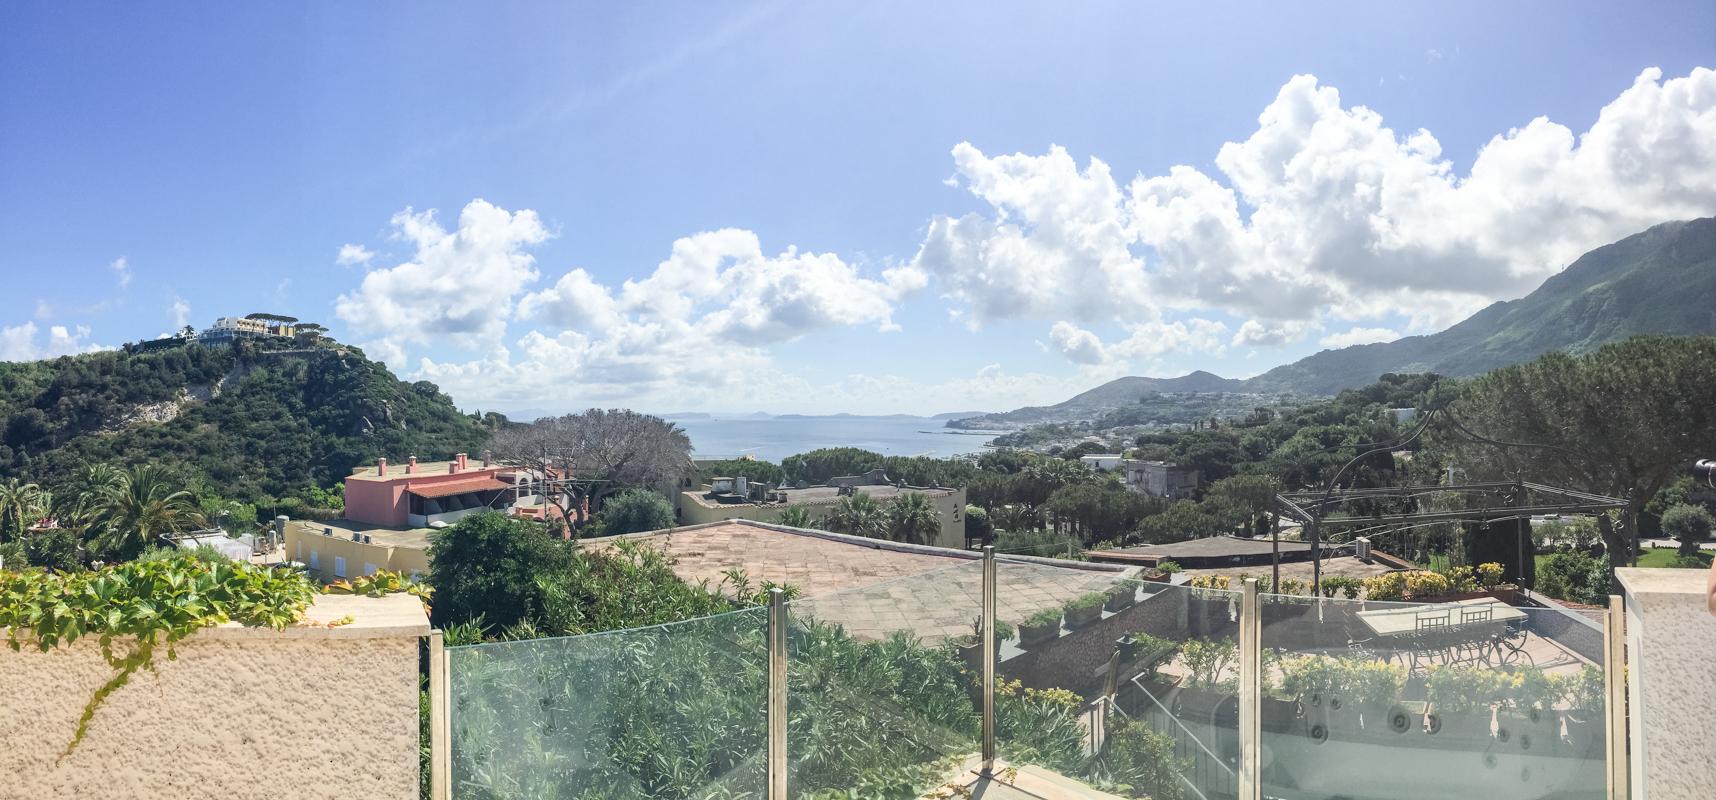 Garden &#038; Villa Resort, Hotel in</br>Ischia